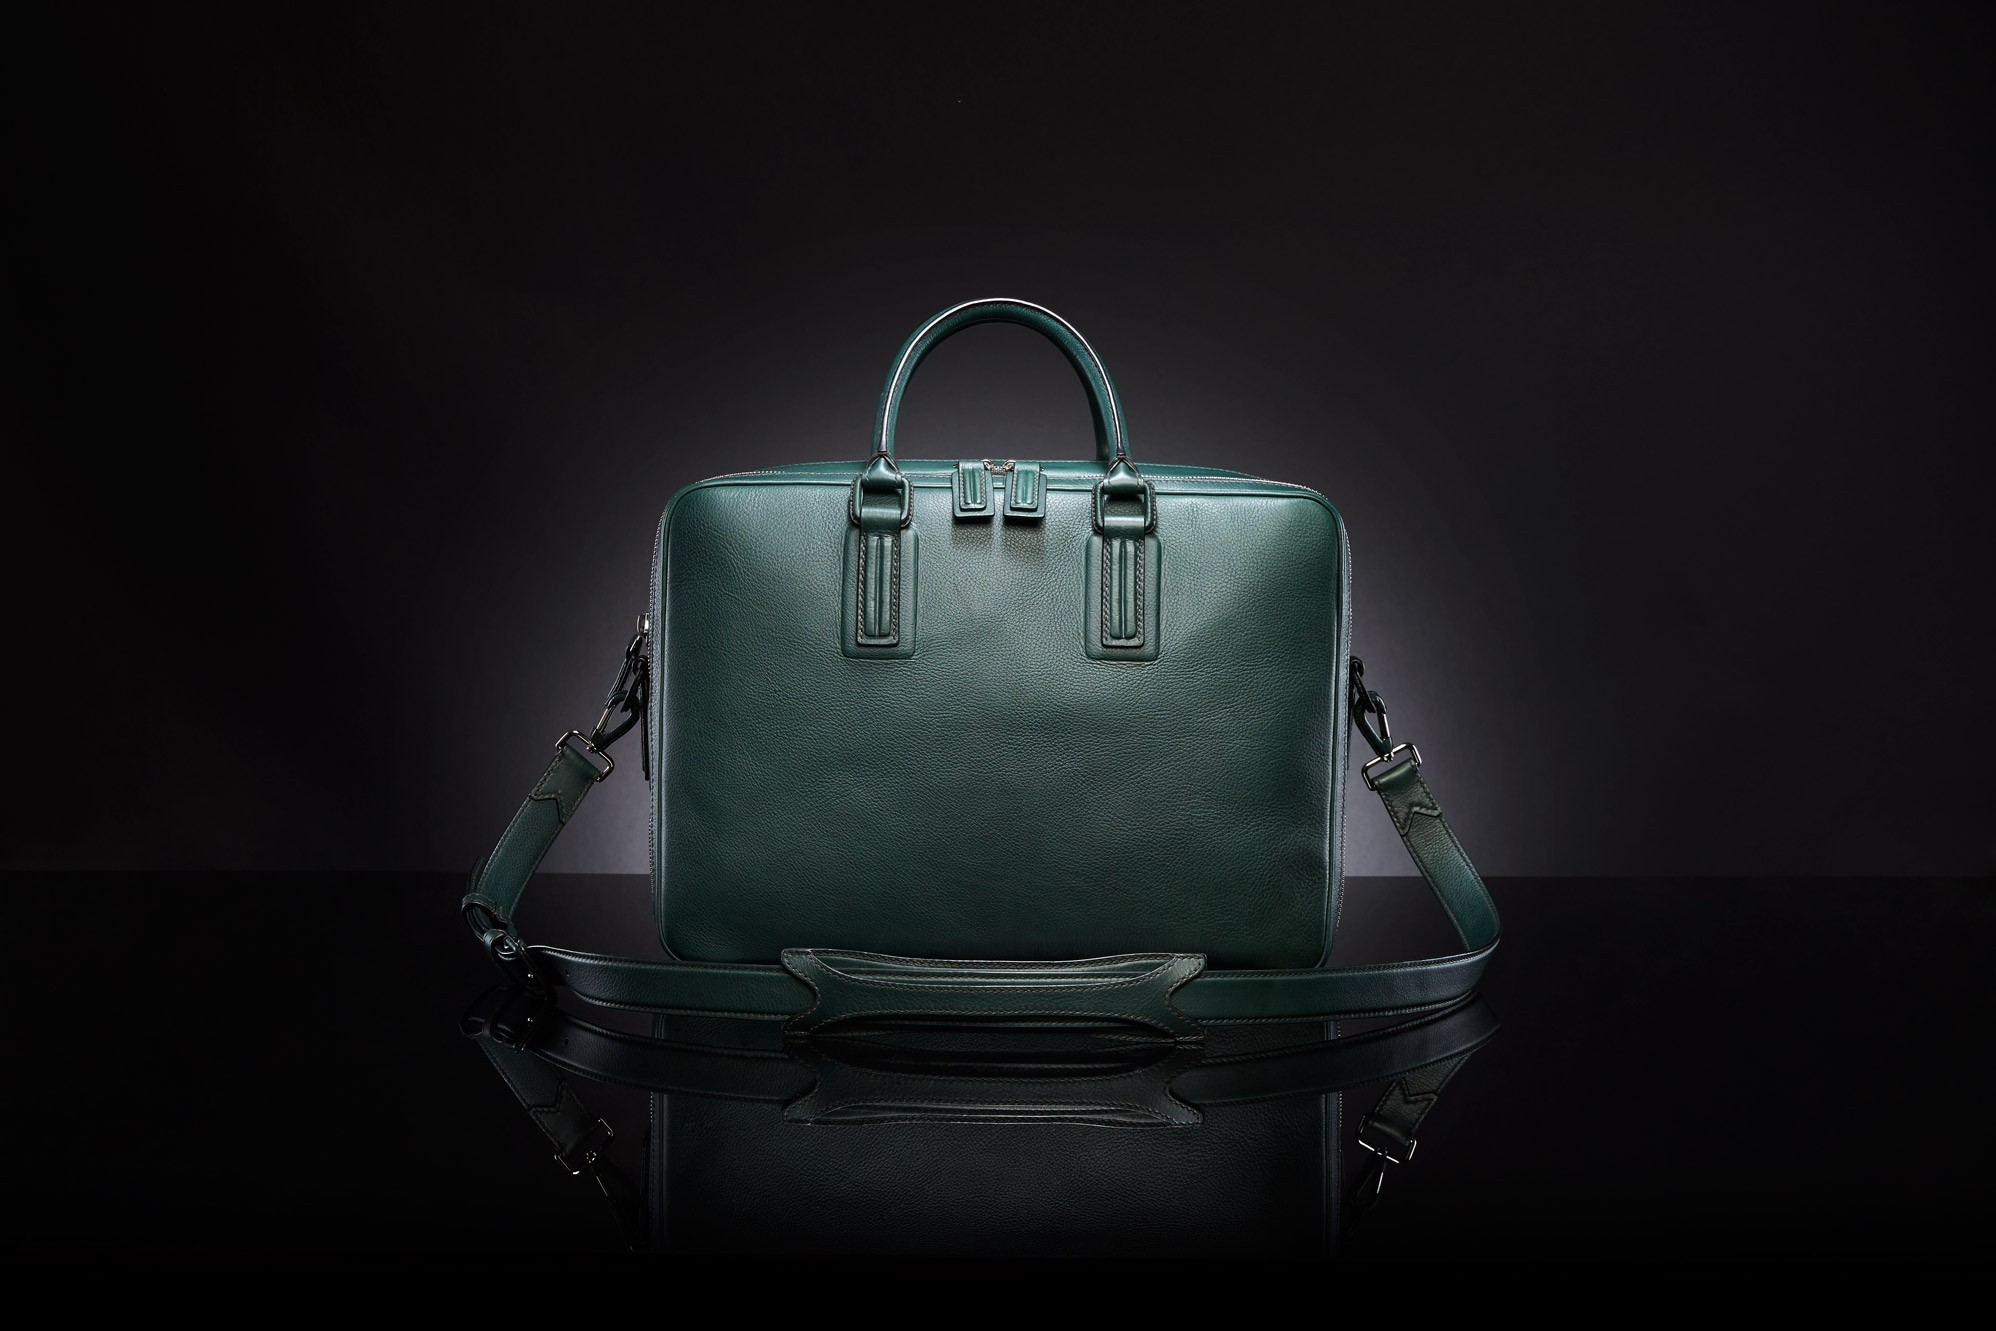 Tassarc briefcase